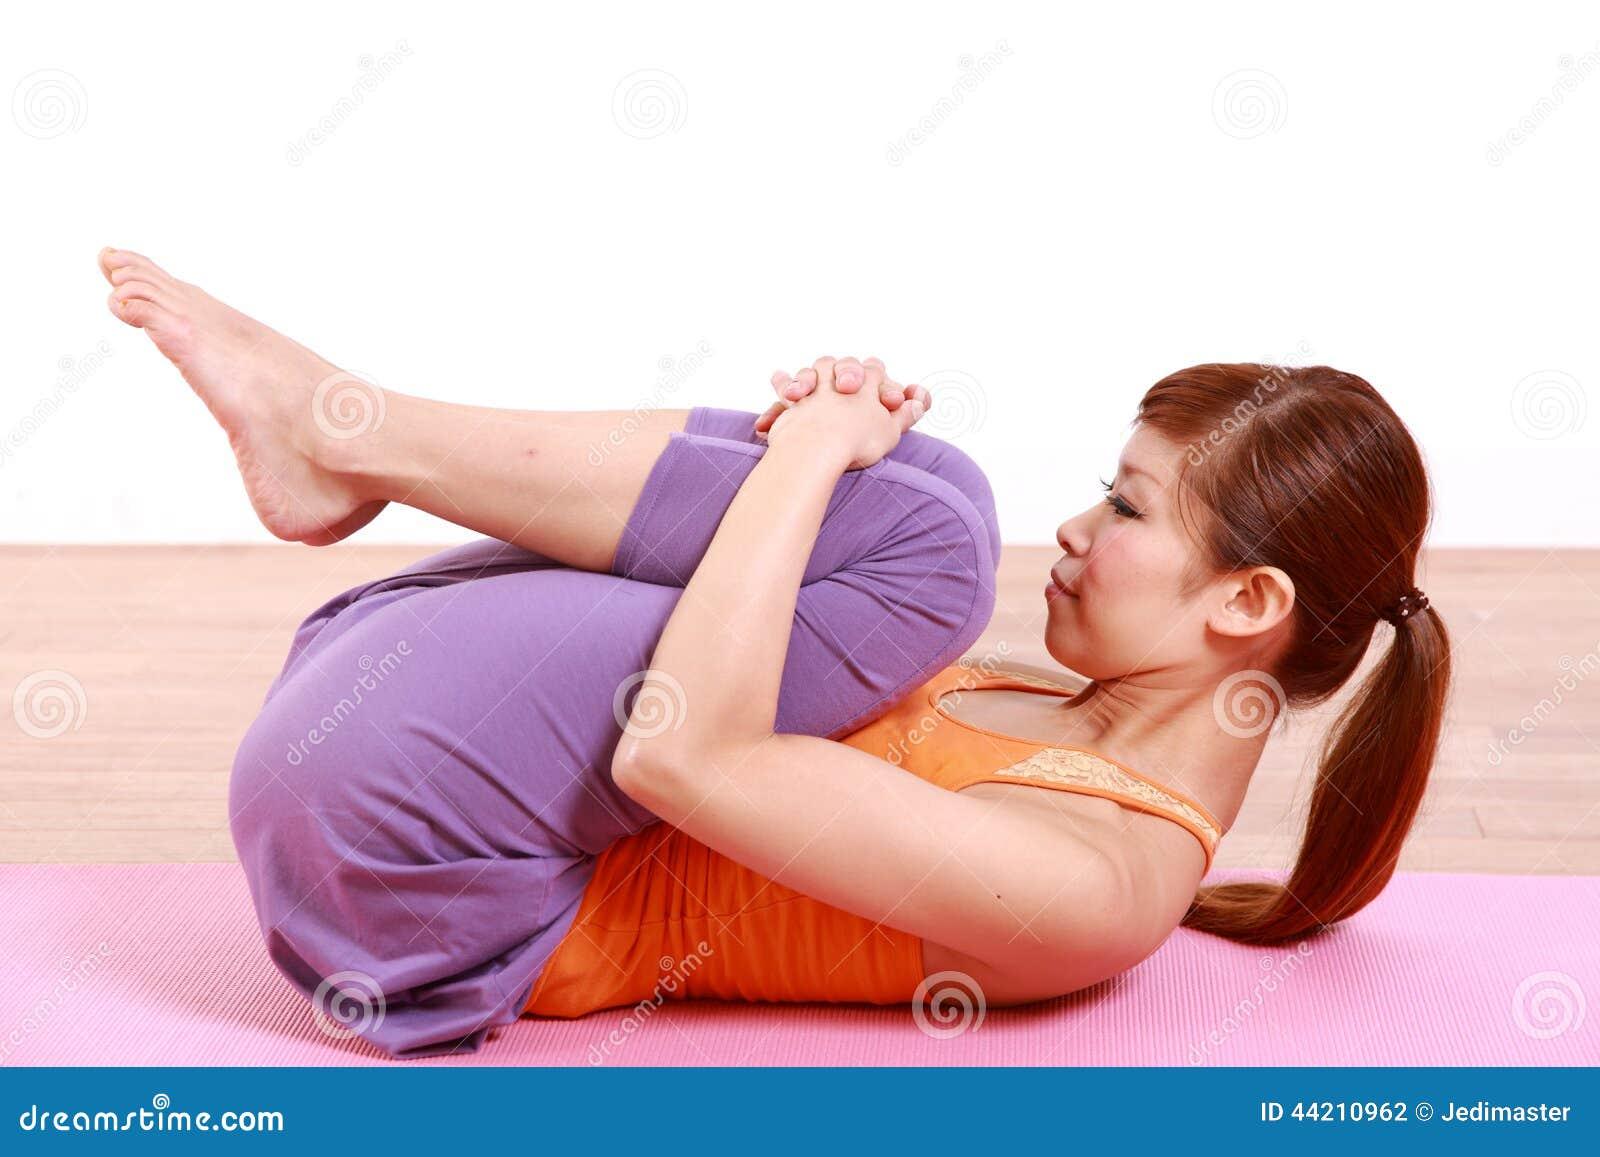 做瑜伽风的年轻日本妇女解除姿势